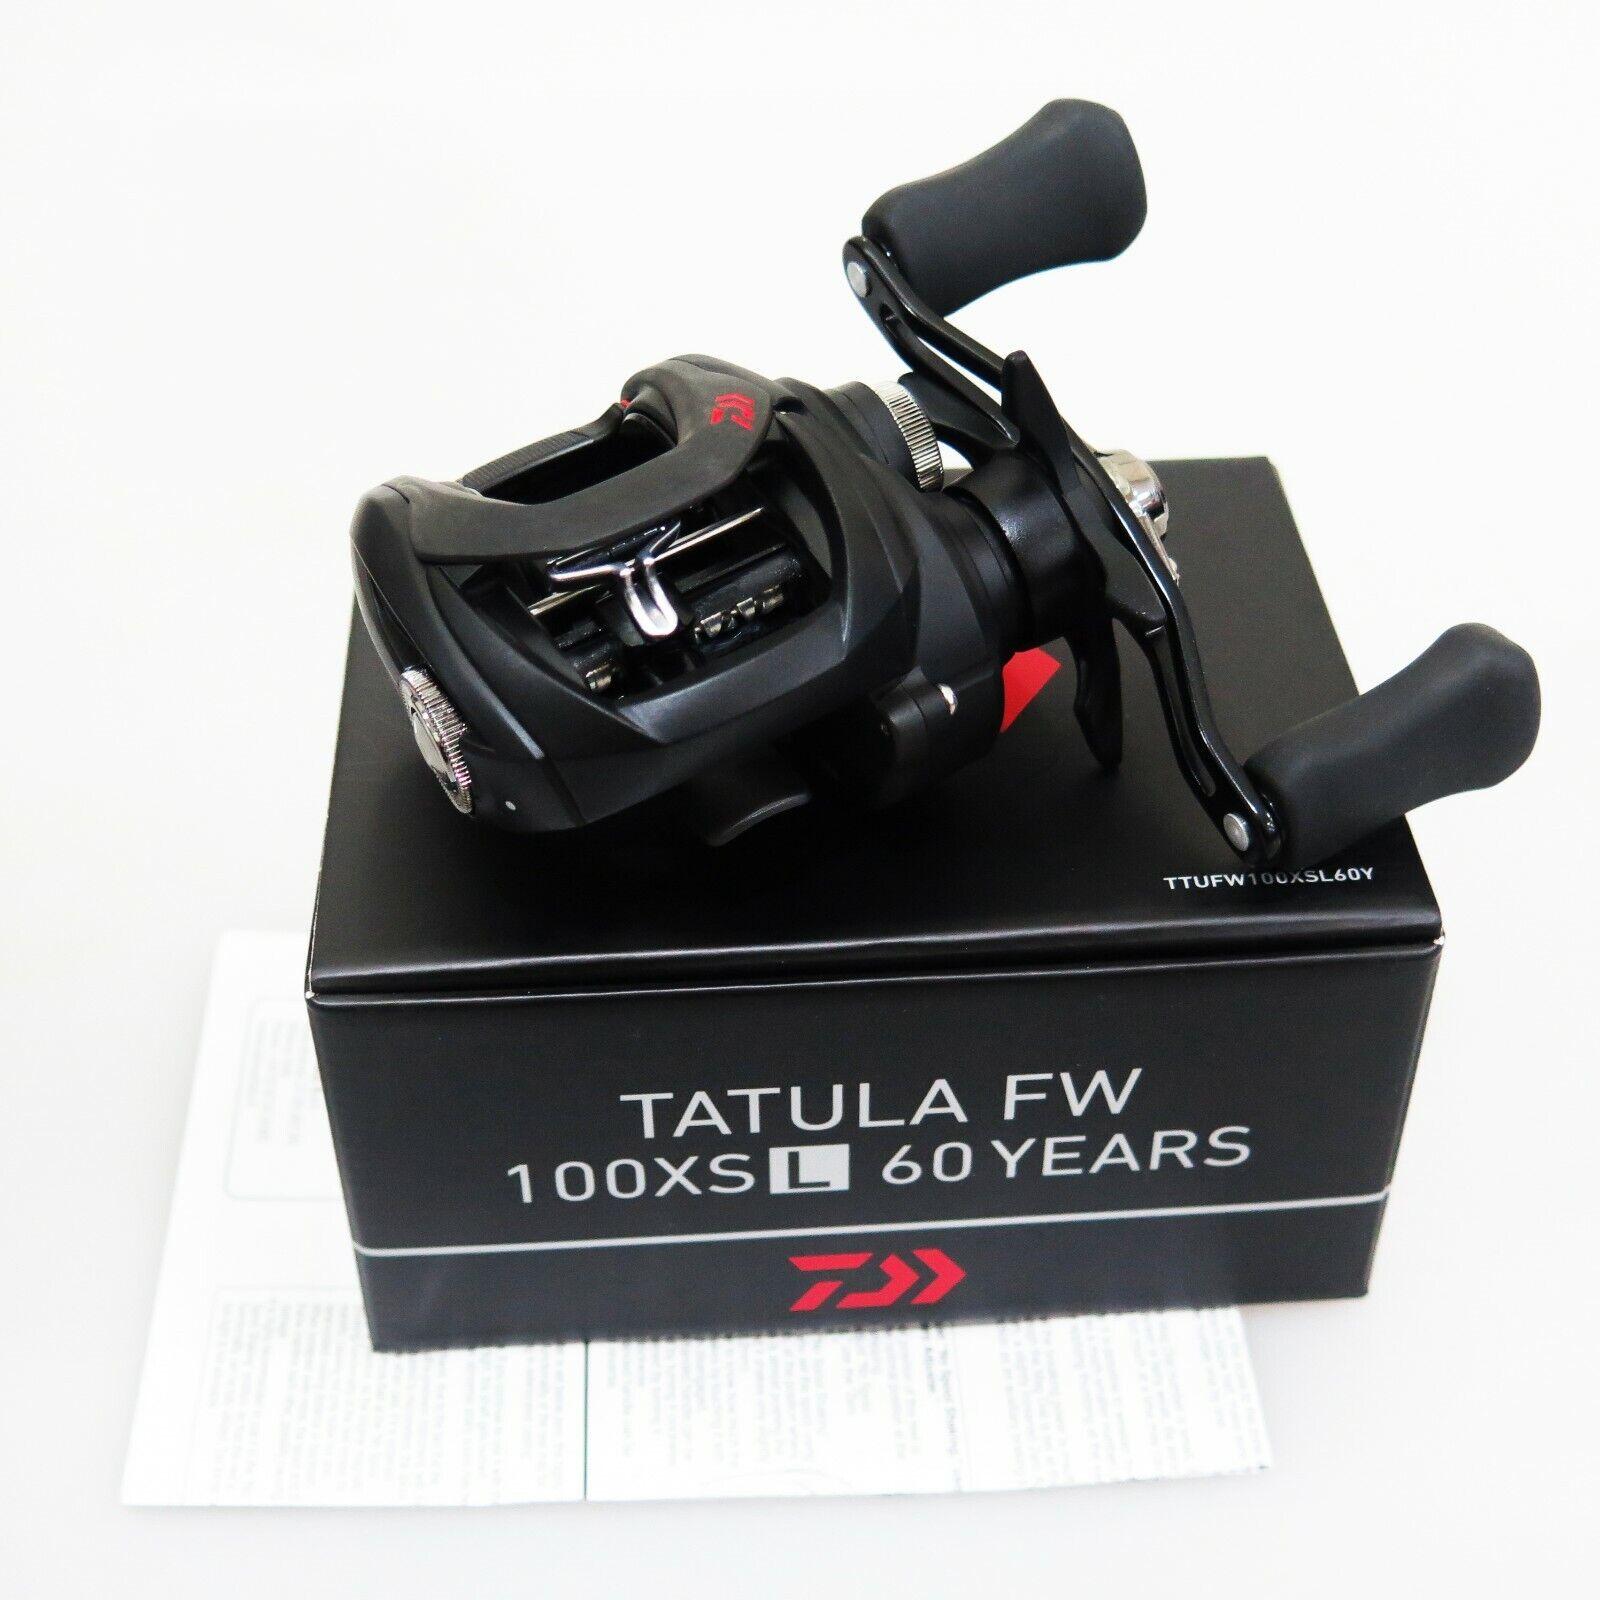 18 Daiwa Tatula FW 100XSL 60 Años Aniversario Edición Limitada Cocherete Manija Izquierda